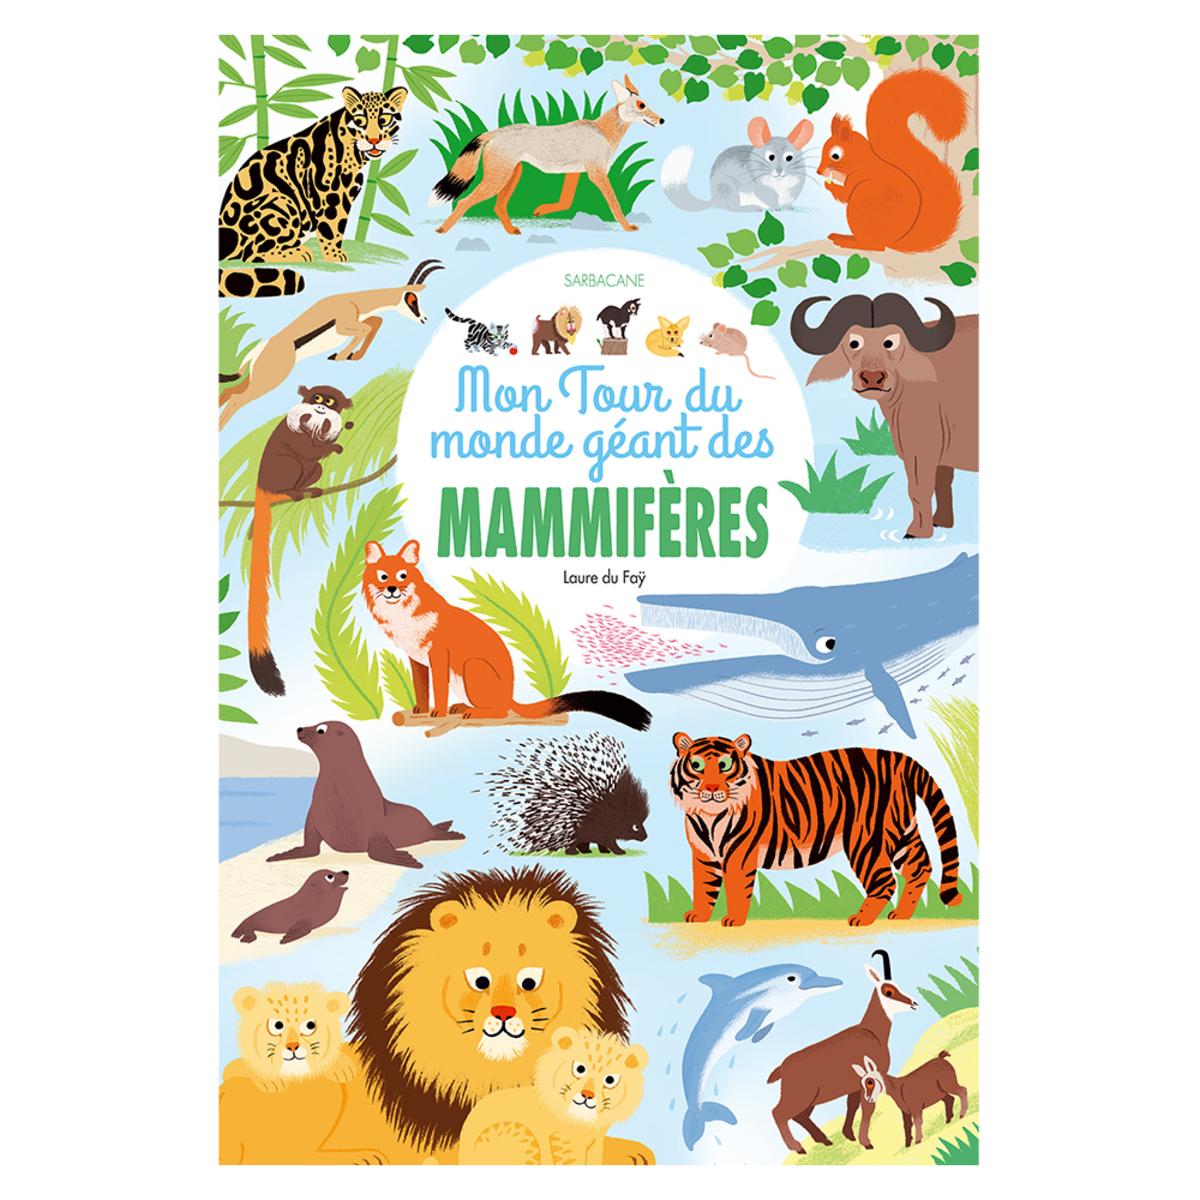 Livre & Carte Le Tour du Monde Géant des Mammifères Le Tour du Monde Géant des Mammifères